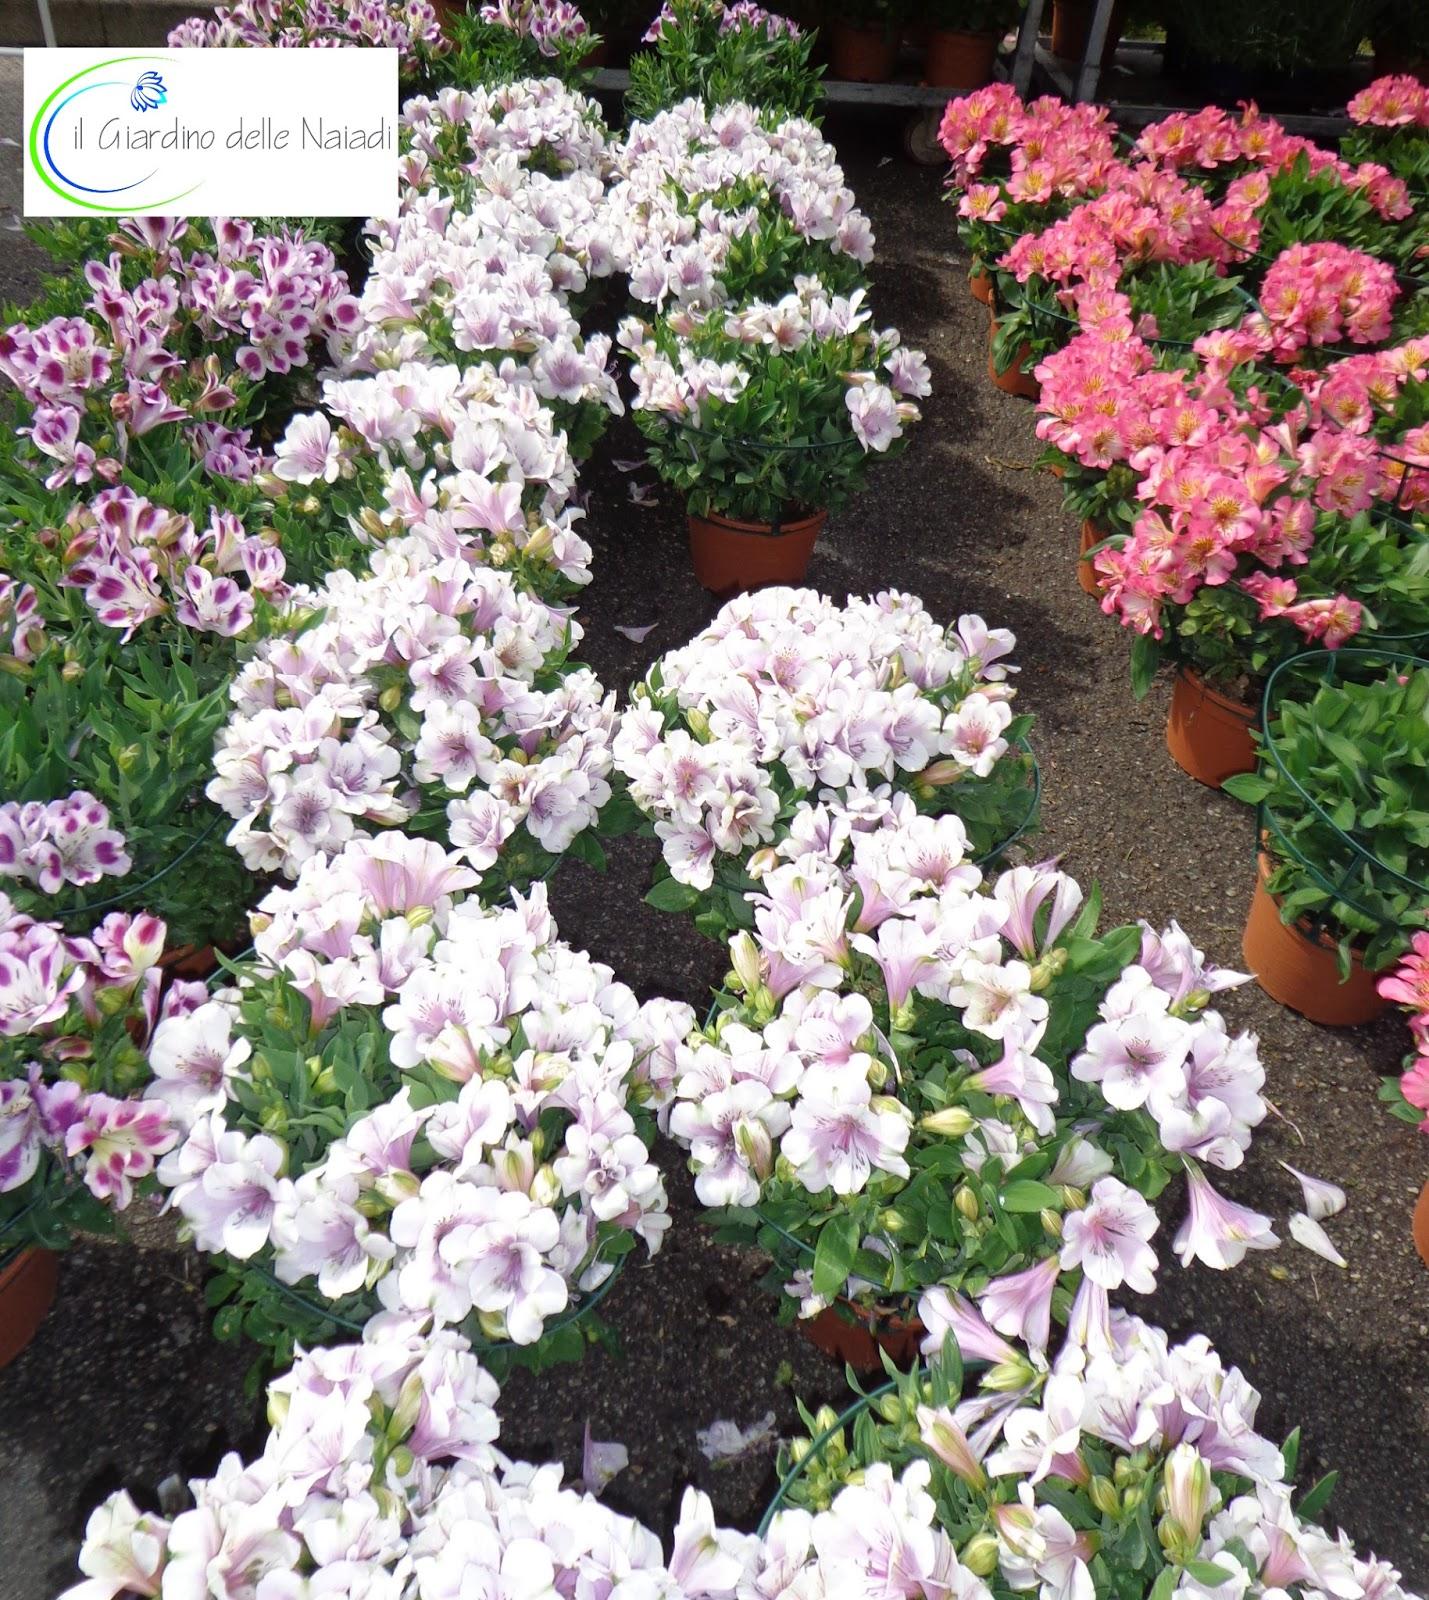 Coltivare Fiori Da Recidere il giardino delle naiadi: alstroemeria, il giglio degli incas